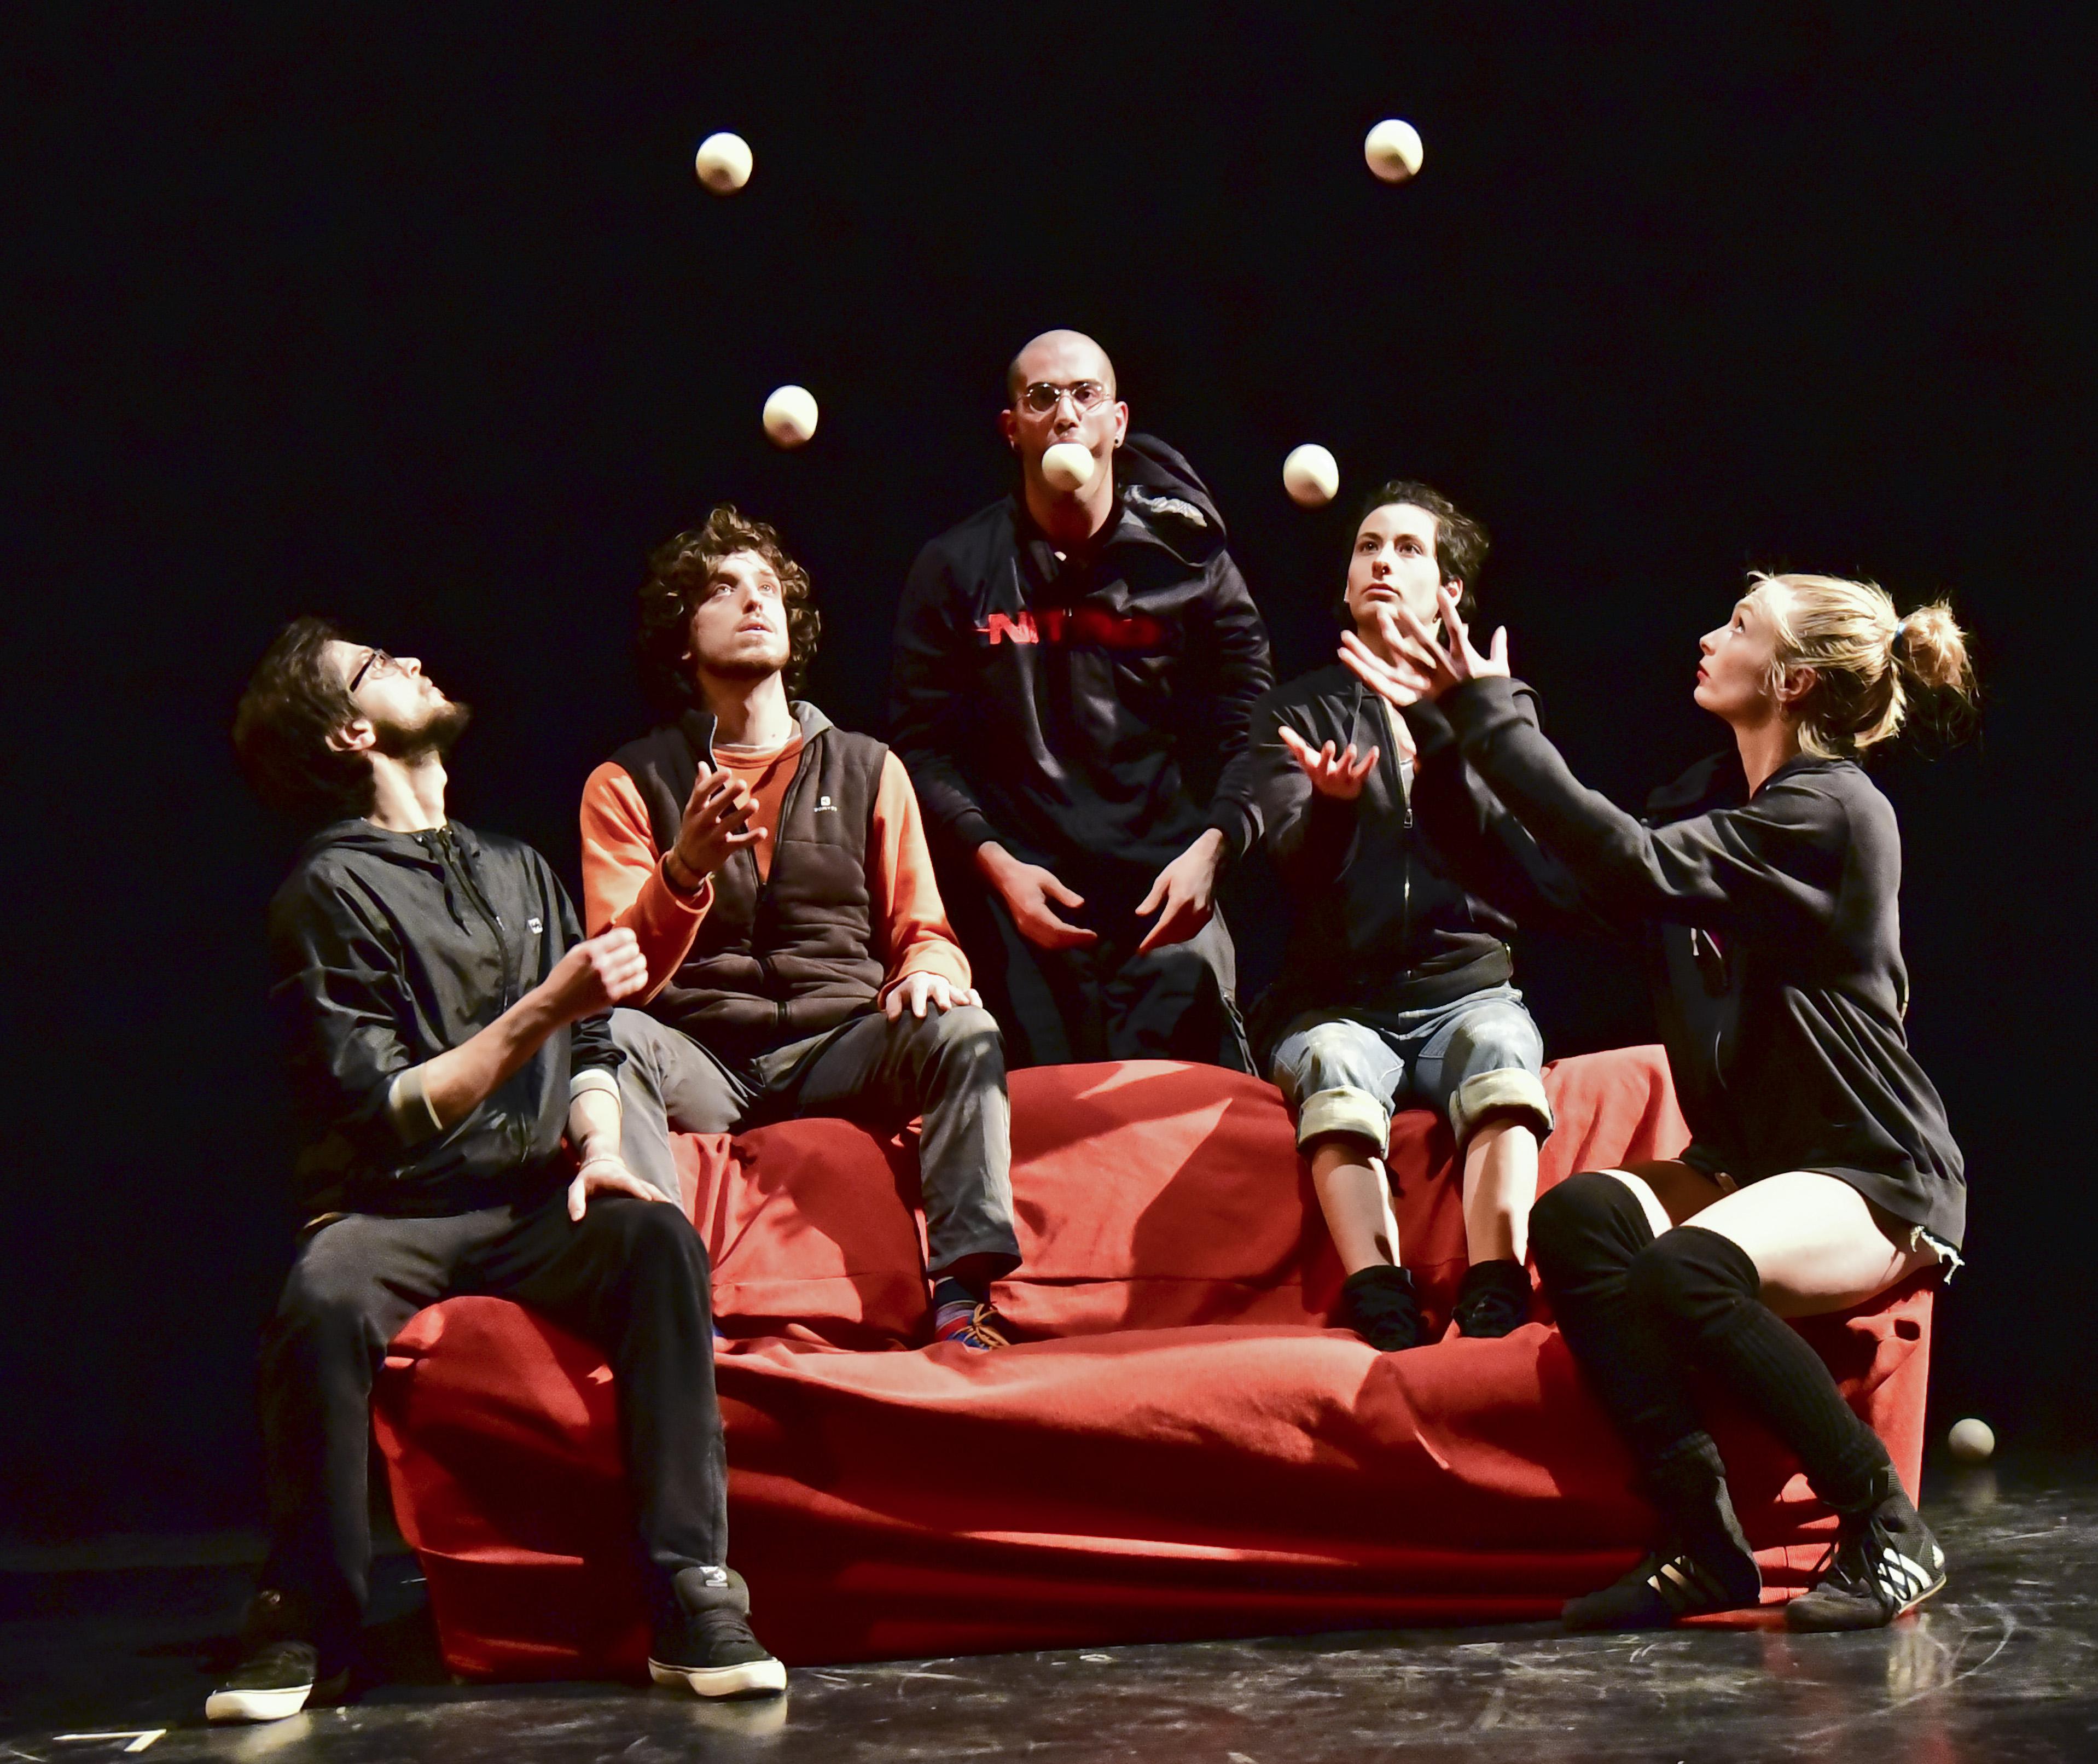 Scuola di Circo Contemporaneo